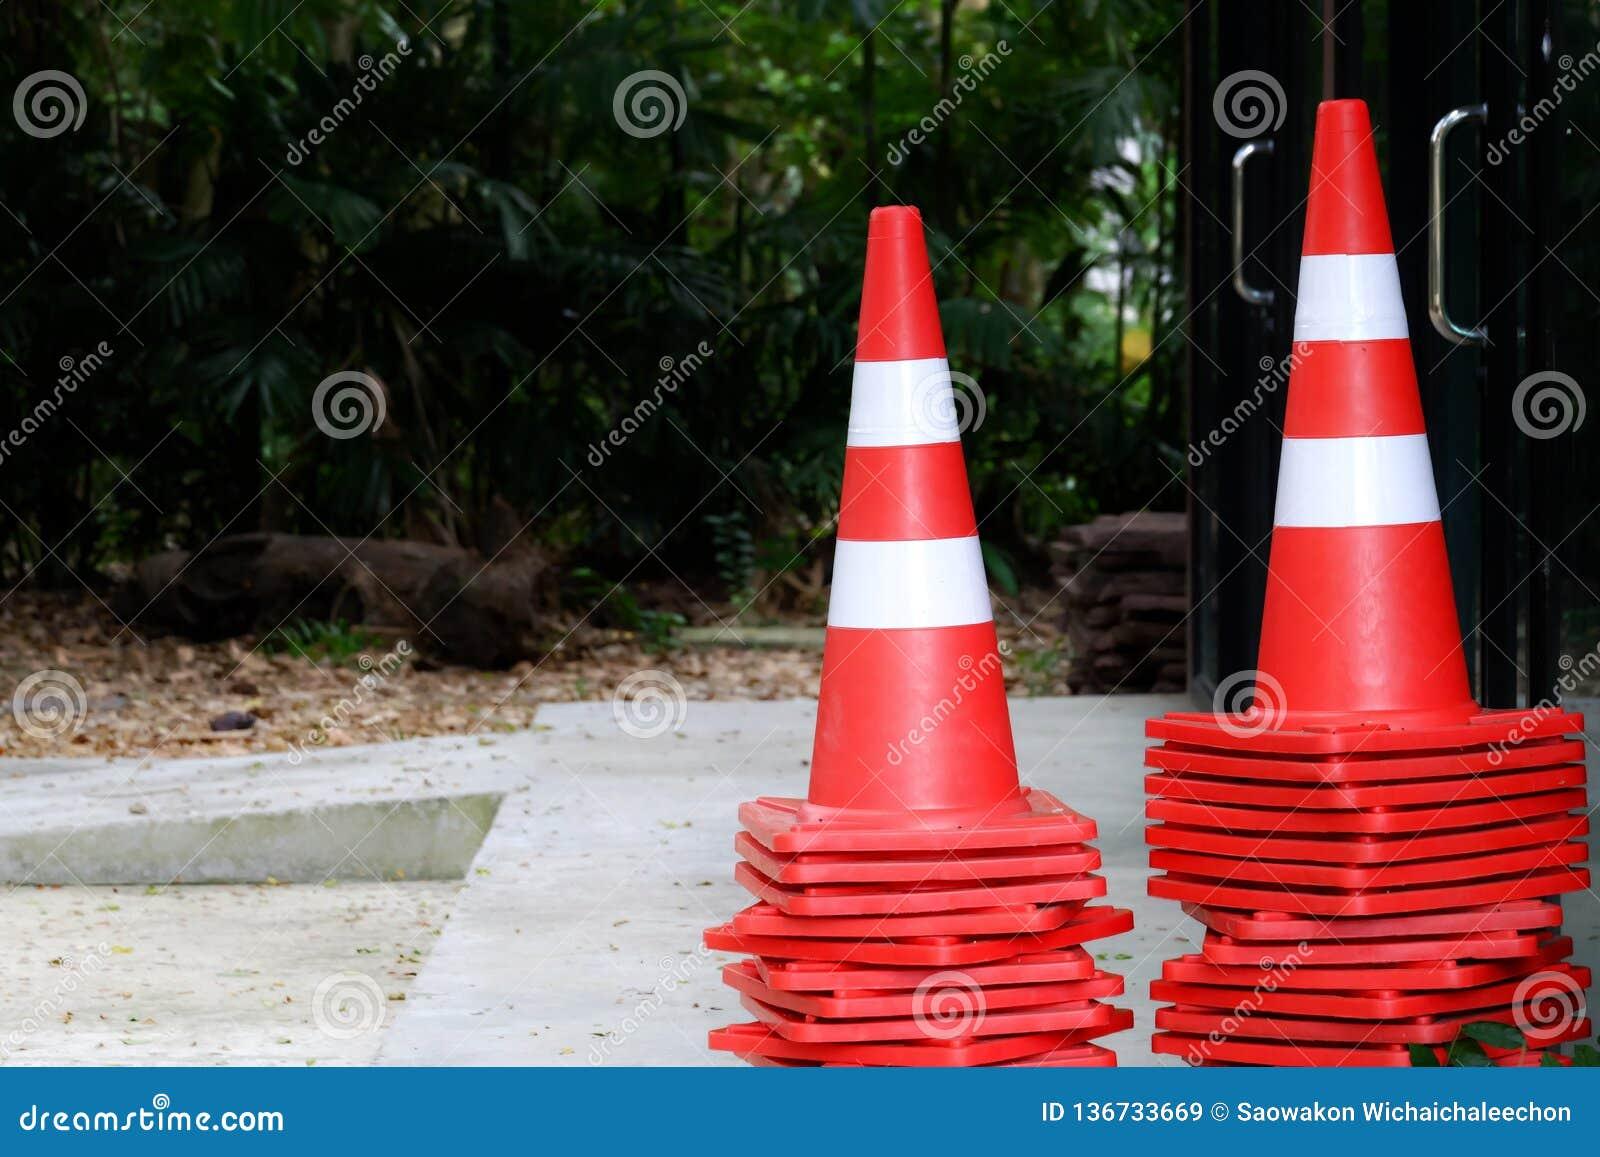 Beaucoup de cônes du trafic sur le plancher de ciment devant le bâtiment